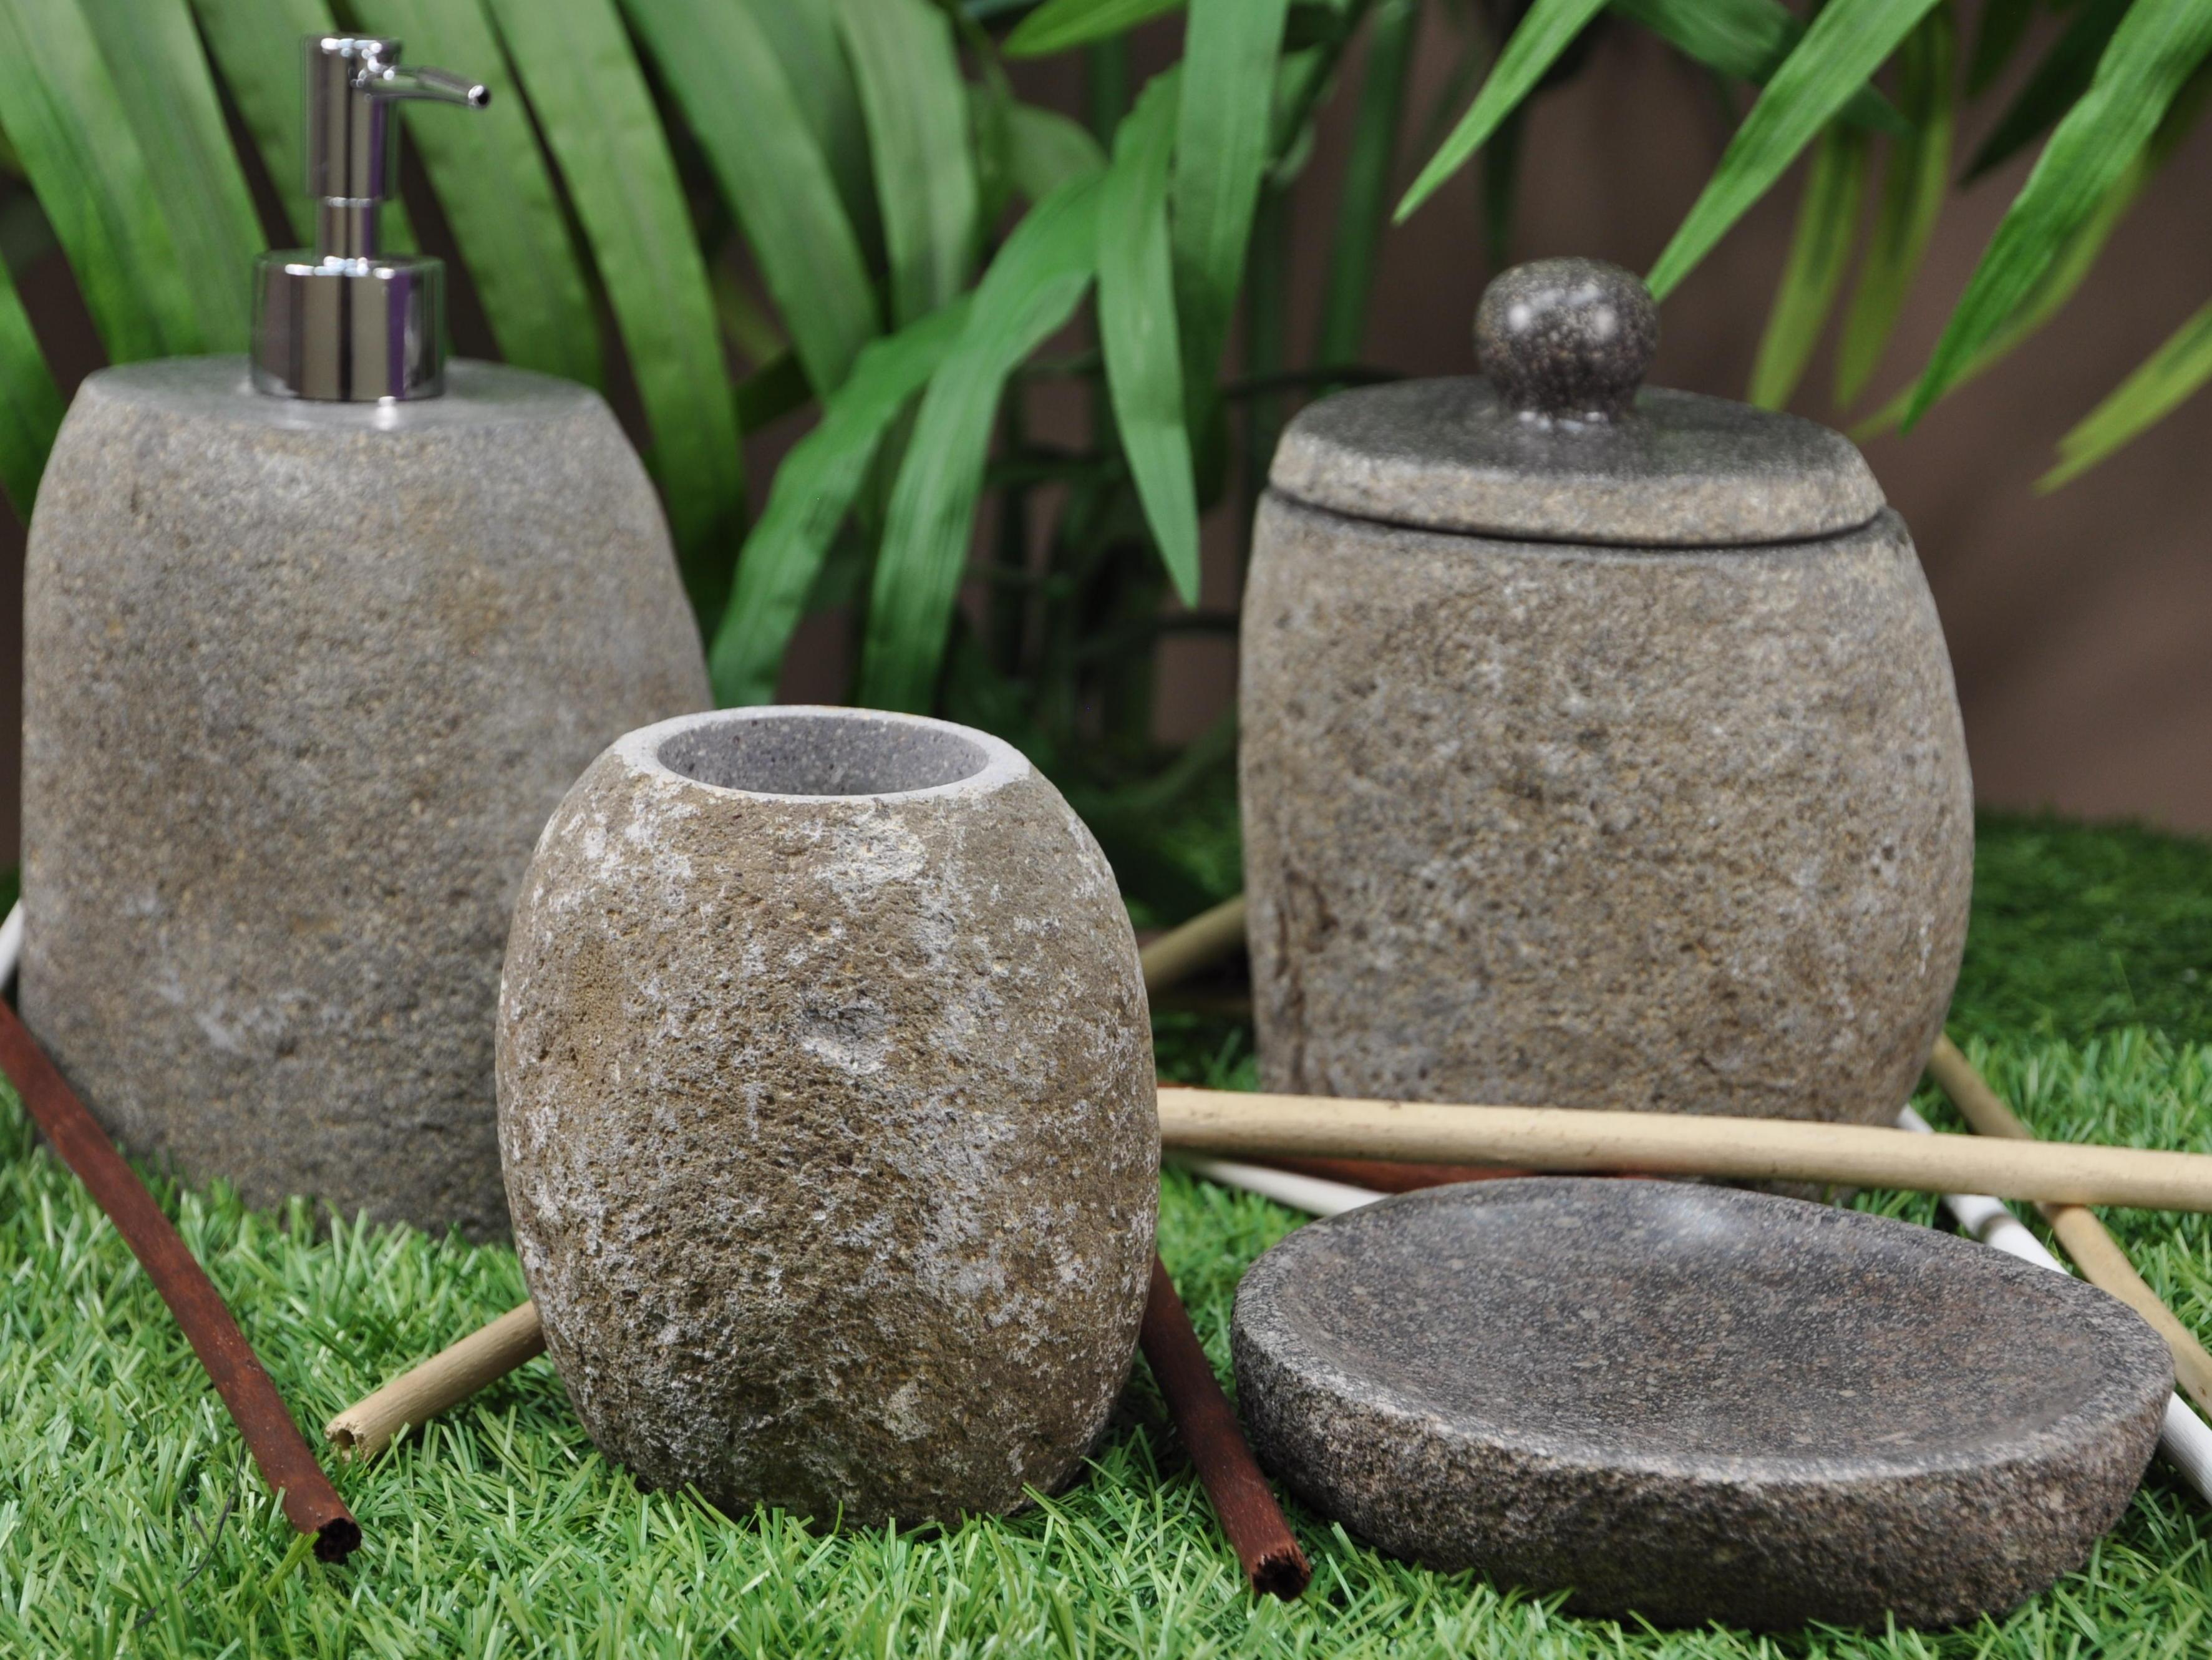 Accessoire jardin japonais top phytalim g engrais aquatic for Accessoire pour jardin zen